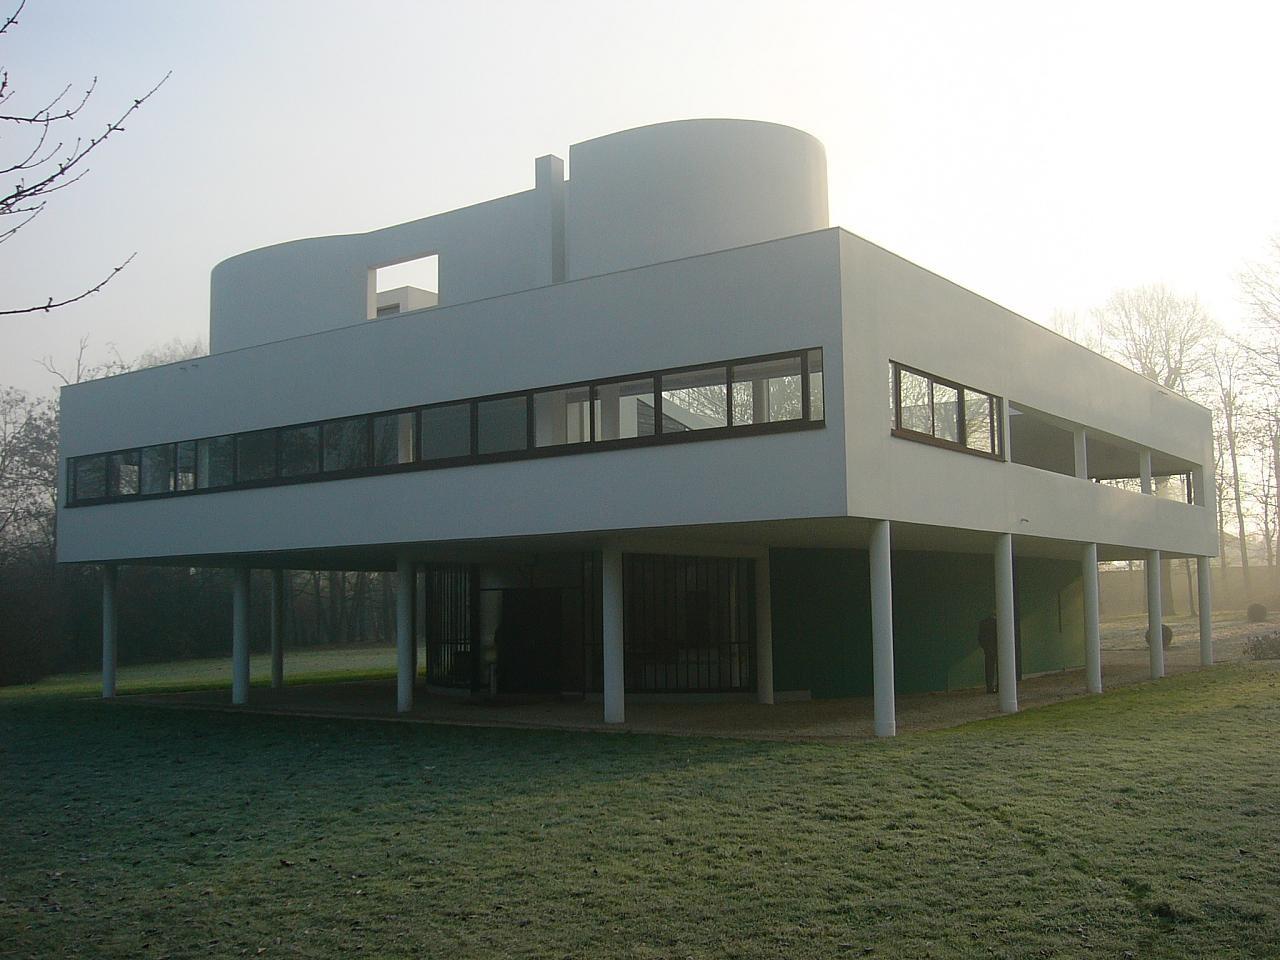 """Le Corbusier rechazaba las formas arquitectónicas del pasado debido a que sus """"complicadas"""" e interconectadas formas no se ajustaban al esquema de pensamiento que parecía ser, en ese entonces, la clave del futuro del hombre. En sus edificios podemos reconocer claramente las partes que los componen e incluso propuso rígidas reglas para la concreción de una """"buena arquitectura"""". Image © Rory Hide en Flickr. Licencia CC"""